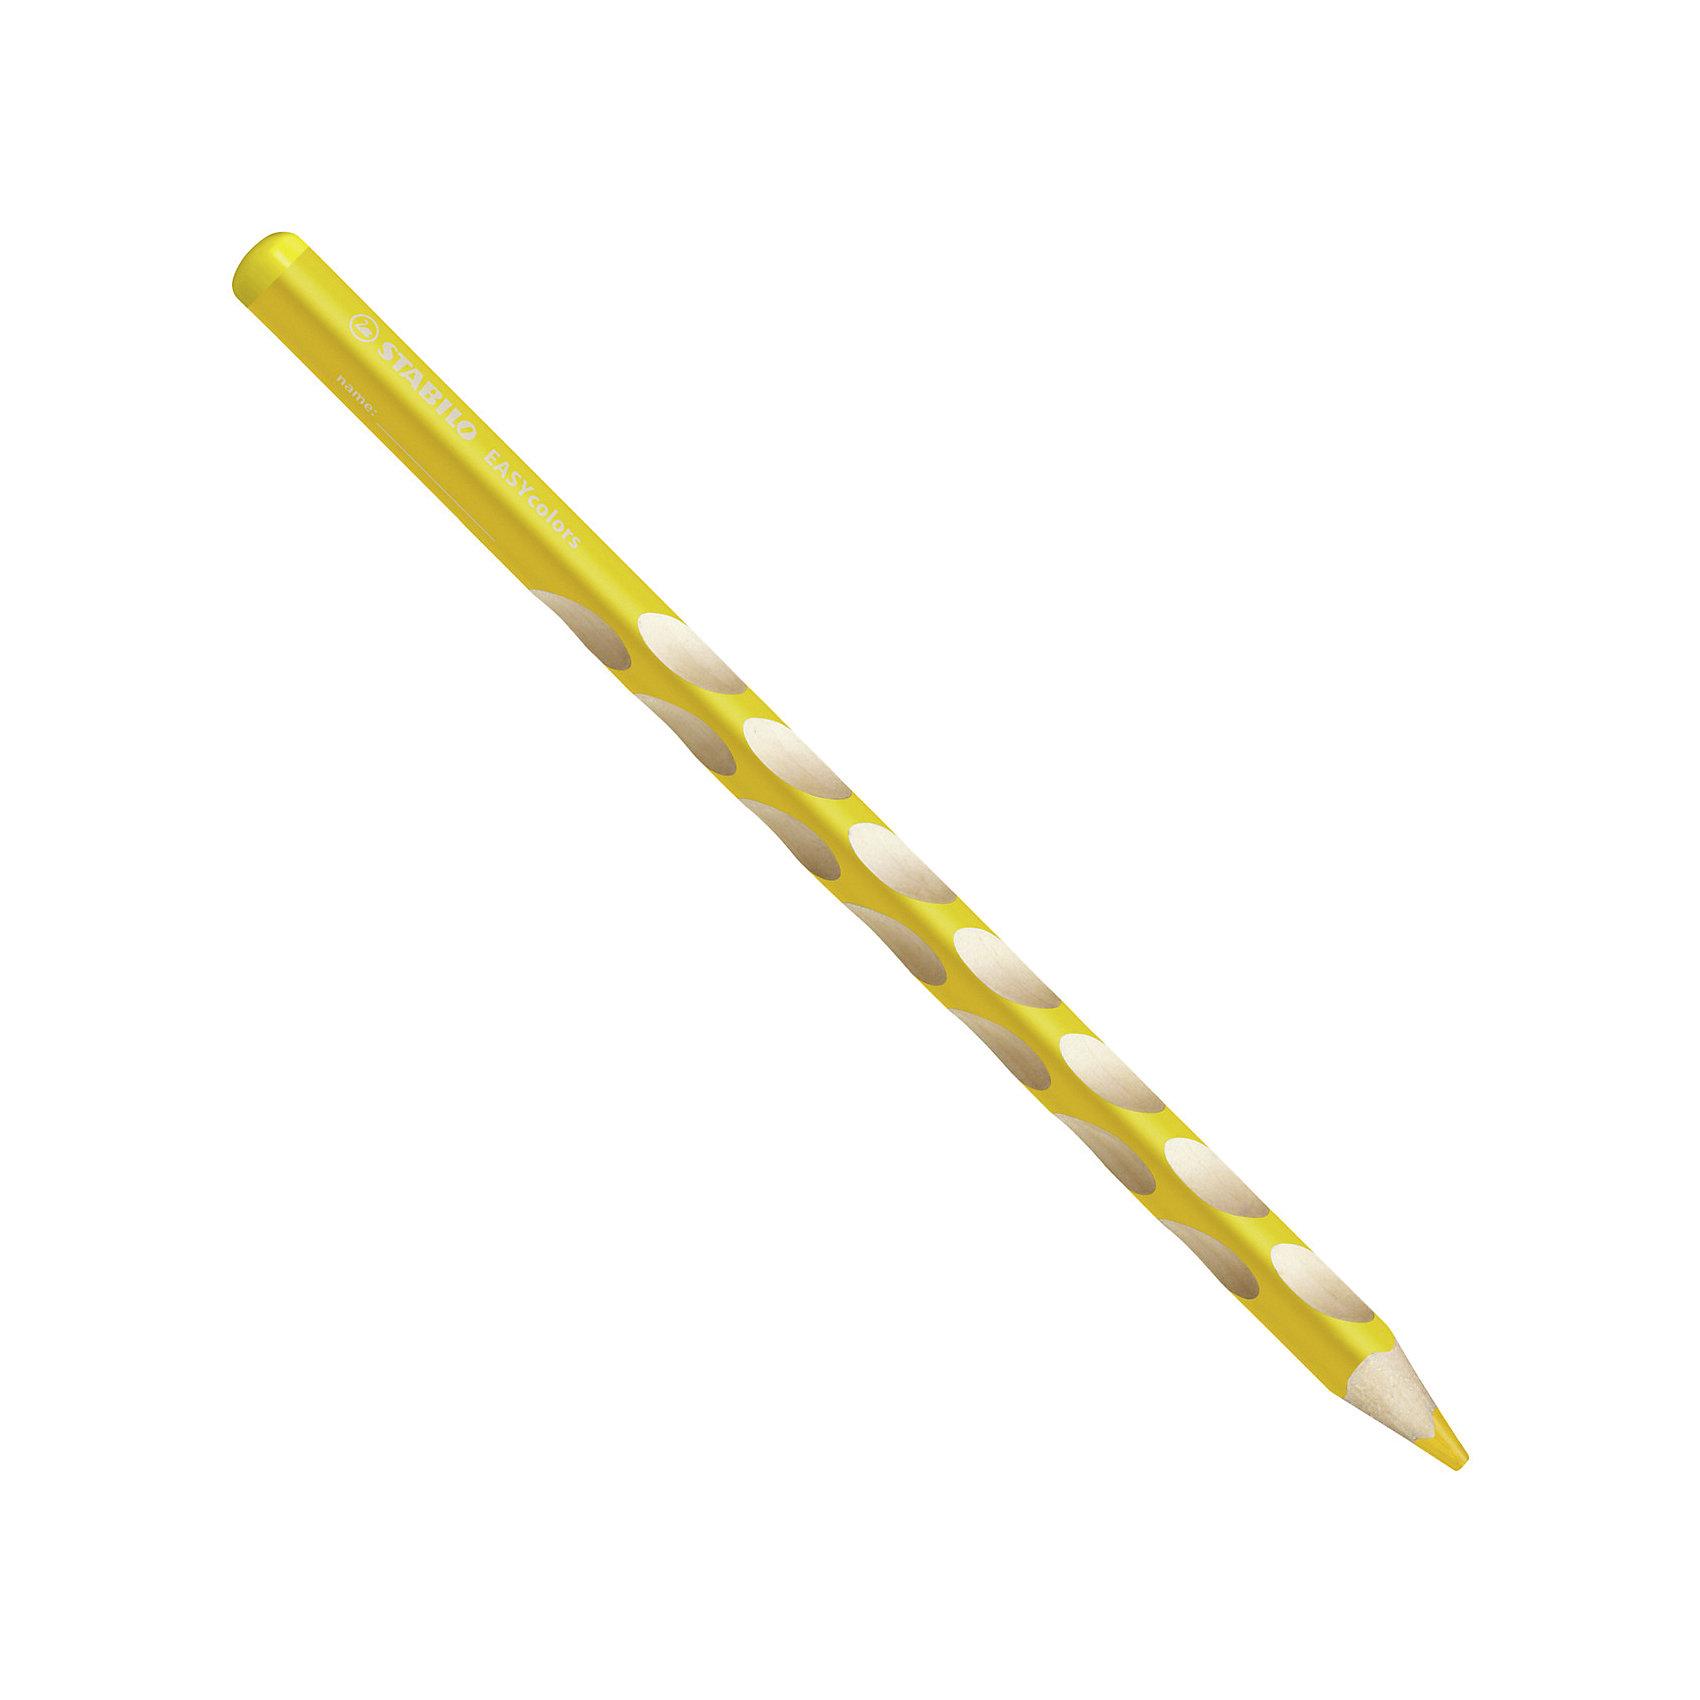 Набор цветных карандашей для левшей, STABILO EasyColors, 6 цв.Письменные принадлежности<br>Набор цветных карандашей для левшей, 6 цв., EASYCOLORS от марки Stabilo<br><br>Эти карандаши созданы немецкой компанией для комфортного и легкого рисования. Цвета яркие, линия мягкая и однородная. Будут долго держаться на бумаге и не выцветать. Рисование помогает детям развивать усидчивость, воображение, образное восприятие мира, а также мелкую моторику рук.  <br>Этот набор разработан специально для детей, осваивающих рисование и процесс письма. Он создан с учетом особенностей строения и развития руки ребенка. На деревянном карандаше сделаны специальные углубления, которые подсказывают детям правильное расположение пальцев на пишущем инструменте. <br>Даже после заточки карандашей они продолжают полноценно исполнять эту функцию. Форма этих предметов позволяет карандашам удобно ложиться в детской руке и не вызывать усталости мышц. Предназначены для левшей.<br><br>Особенности данной модели:<br><br>комплектация: 6 шт.<br><br>Набор цветных карандашей для левшей, 6 цв., EASYCOLORS можно купить в нашем магазине.<br><br>Ширина мм: 239<br>Глубина мм: 101<br>Высота мм: 18<br>Вес г: 84<br>Возраст от месяцев: 72<br>Возраст до месяцев: 192<br>Пол: Унисекс<br>Возраст: Детский<br>SKU: 2128524